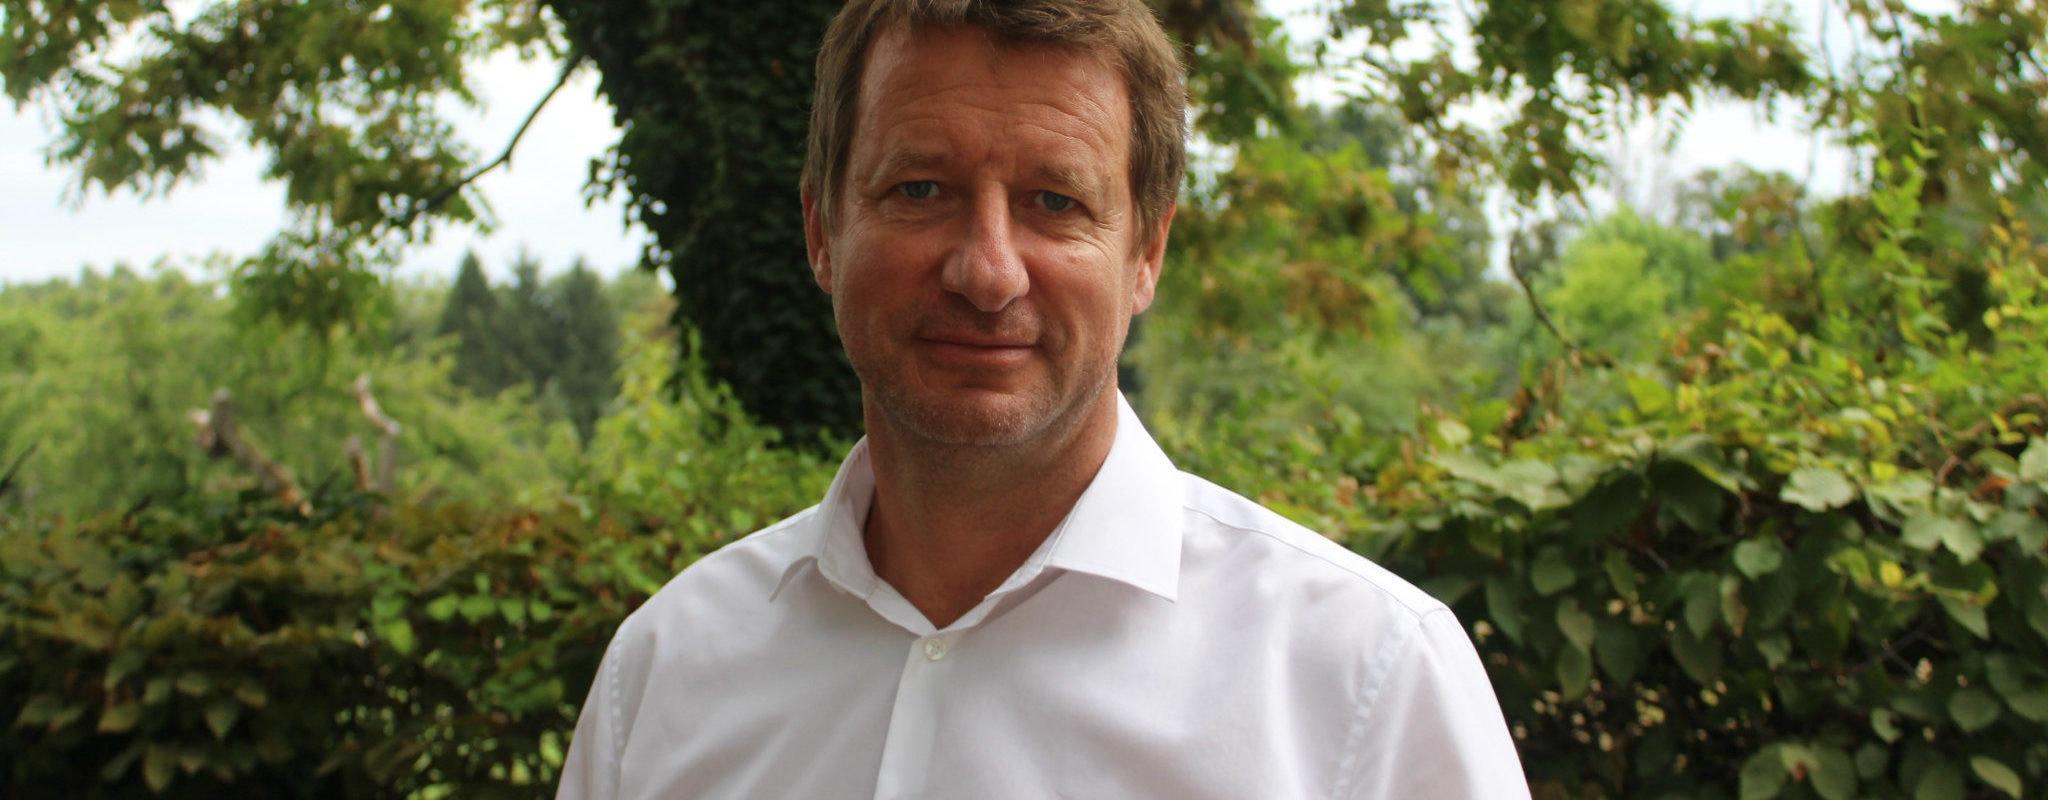 Yannick Jadot : «l'écologie va redonner le pouvoir aux citoyens»